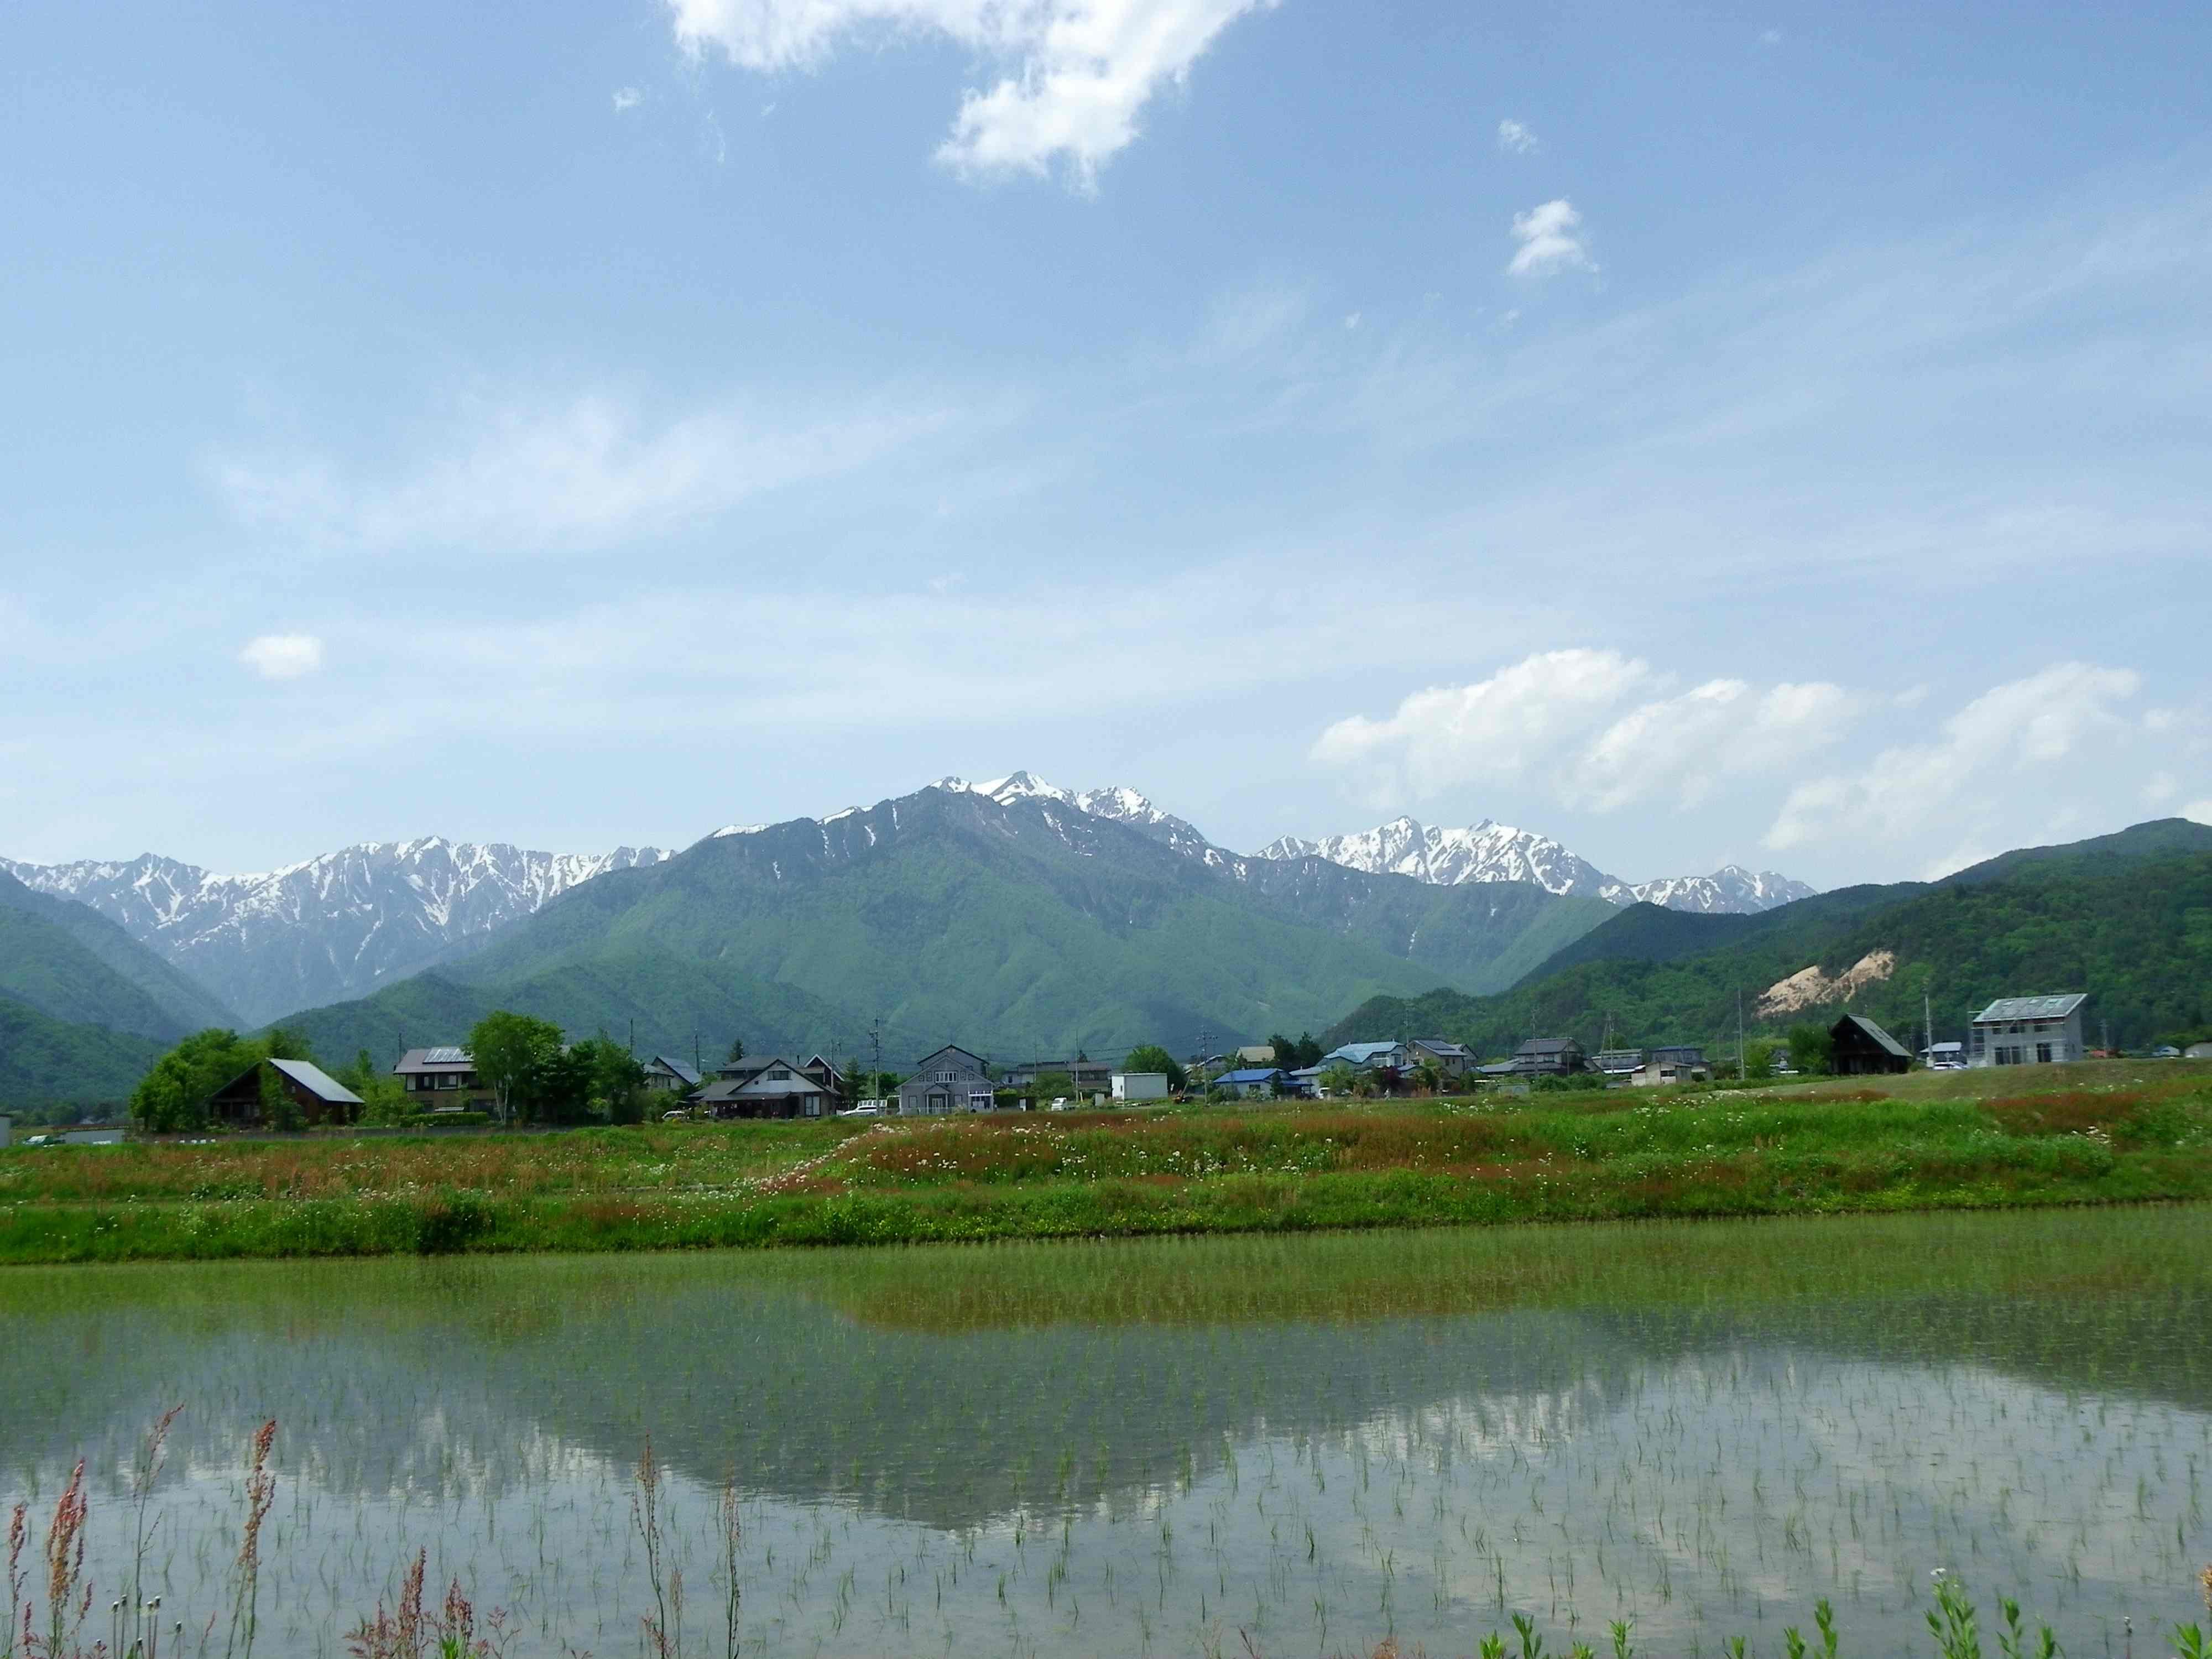 クモマツマキチョウ 5月20日長野県にて_d0254540_19363593.jpg